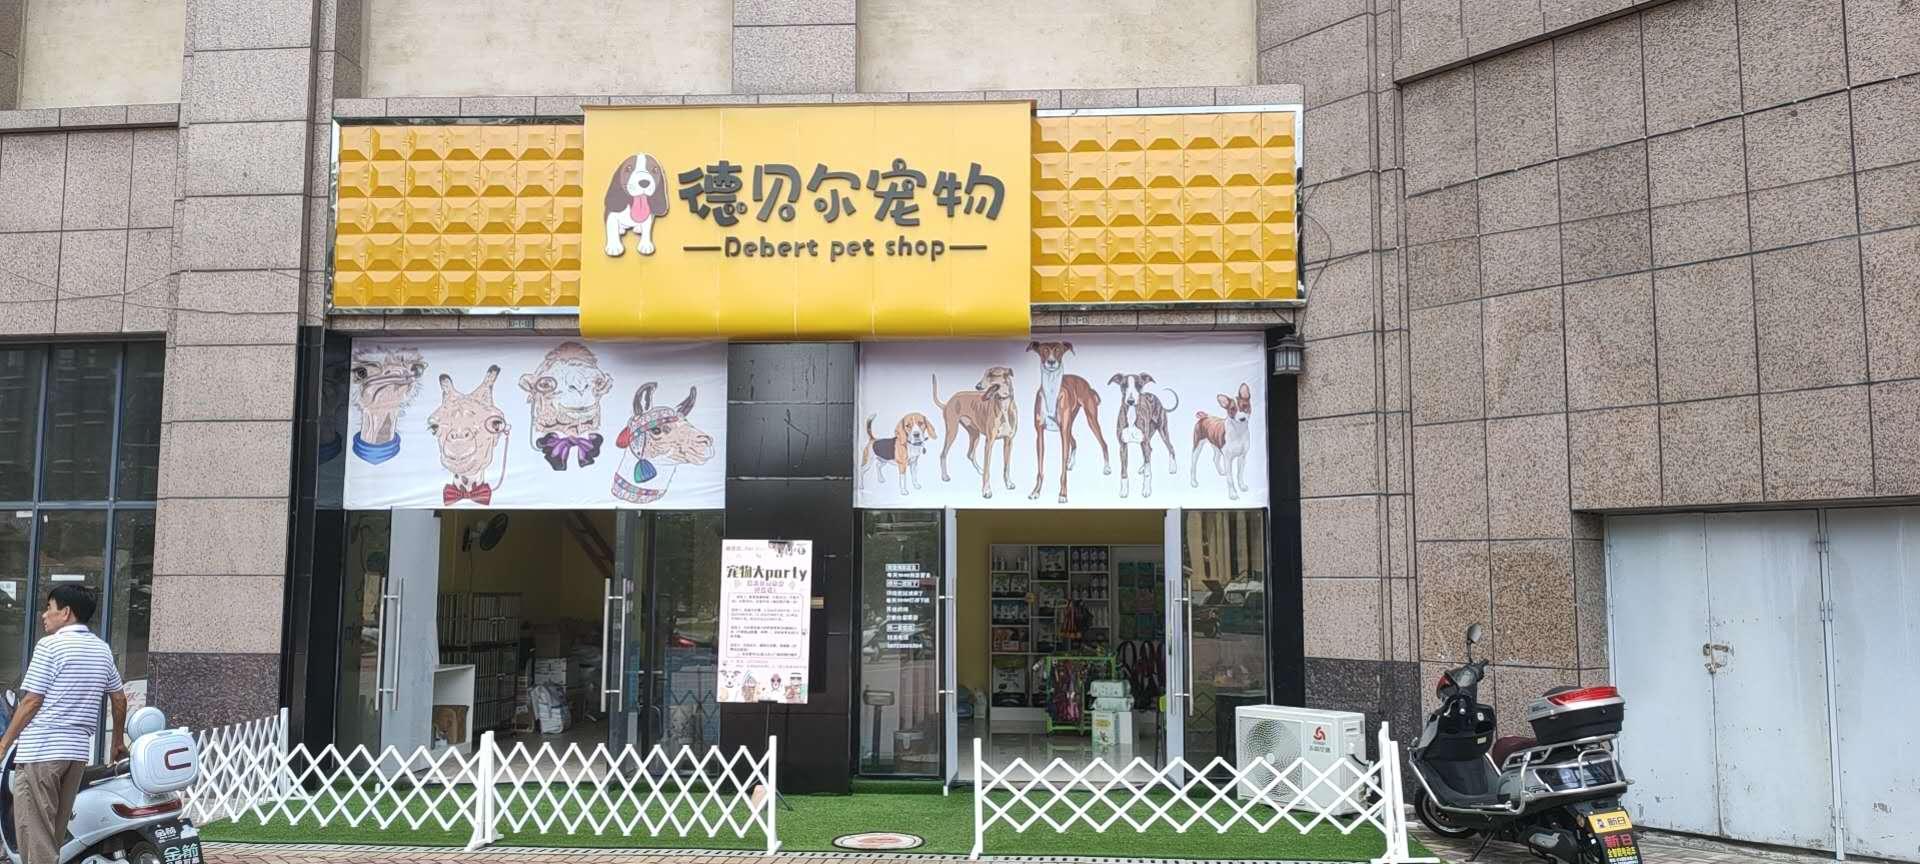 德貝爾寵物店打造惠水平價寵物